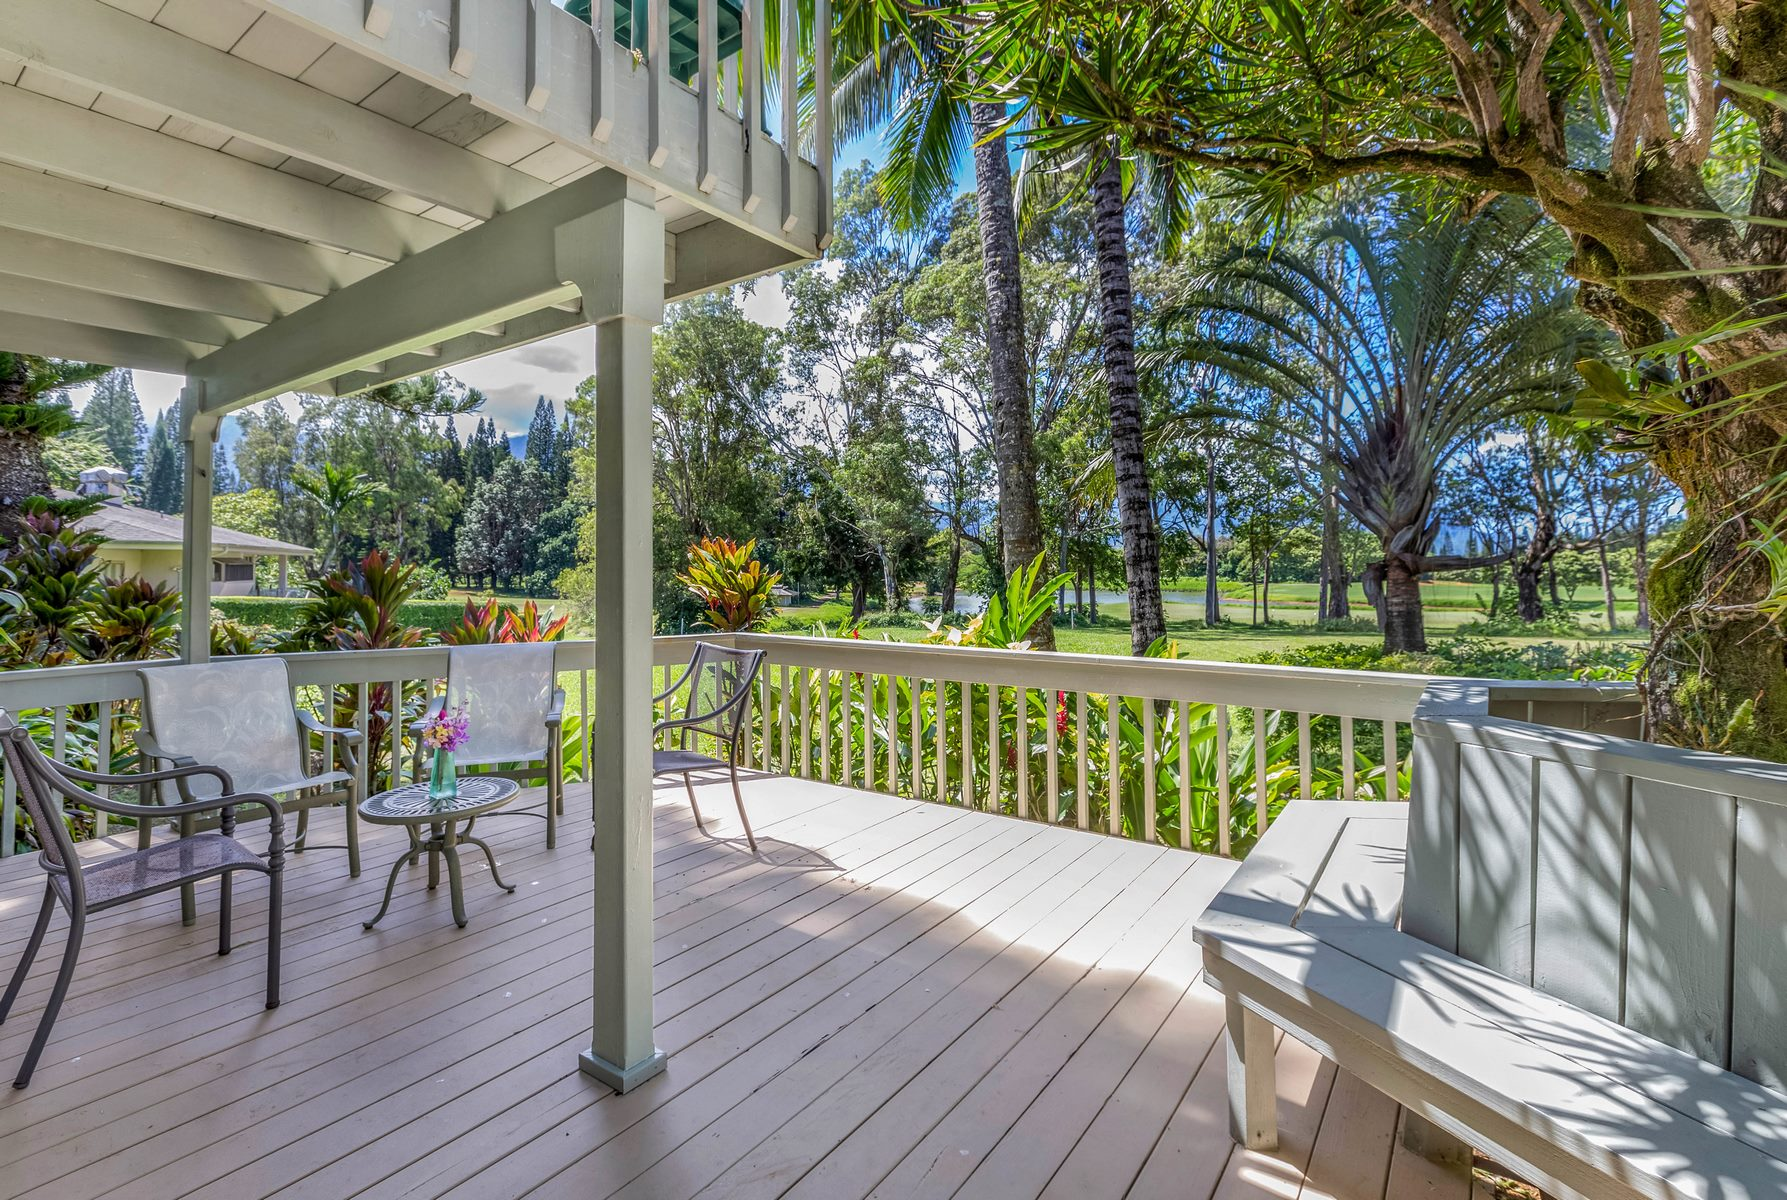 独户住宅 为 销售 在 4170 Kalani Place 4170 Kalani Place 普林斯维尔, 夏威夷 96722 美国